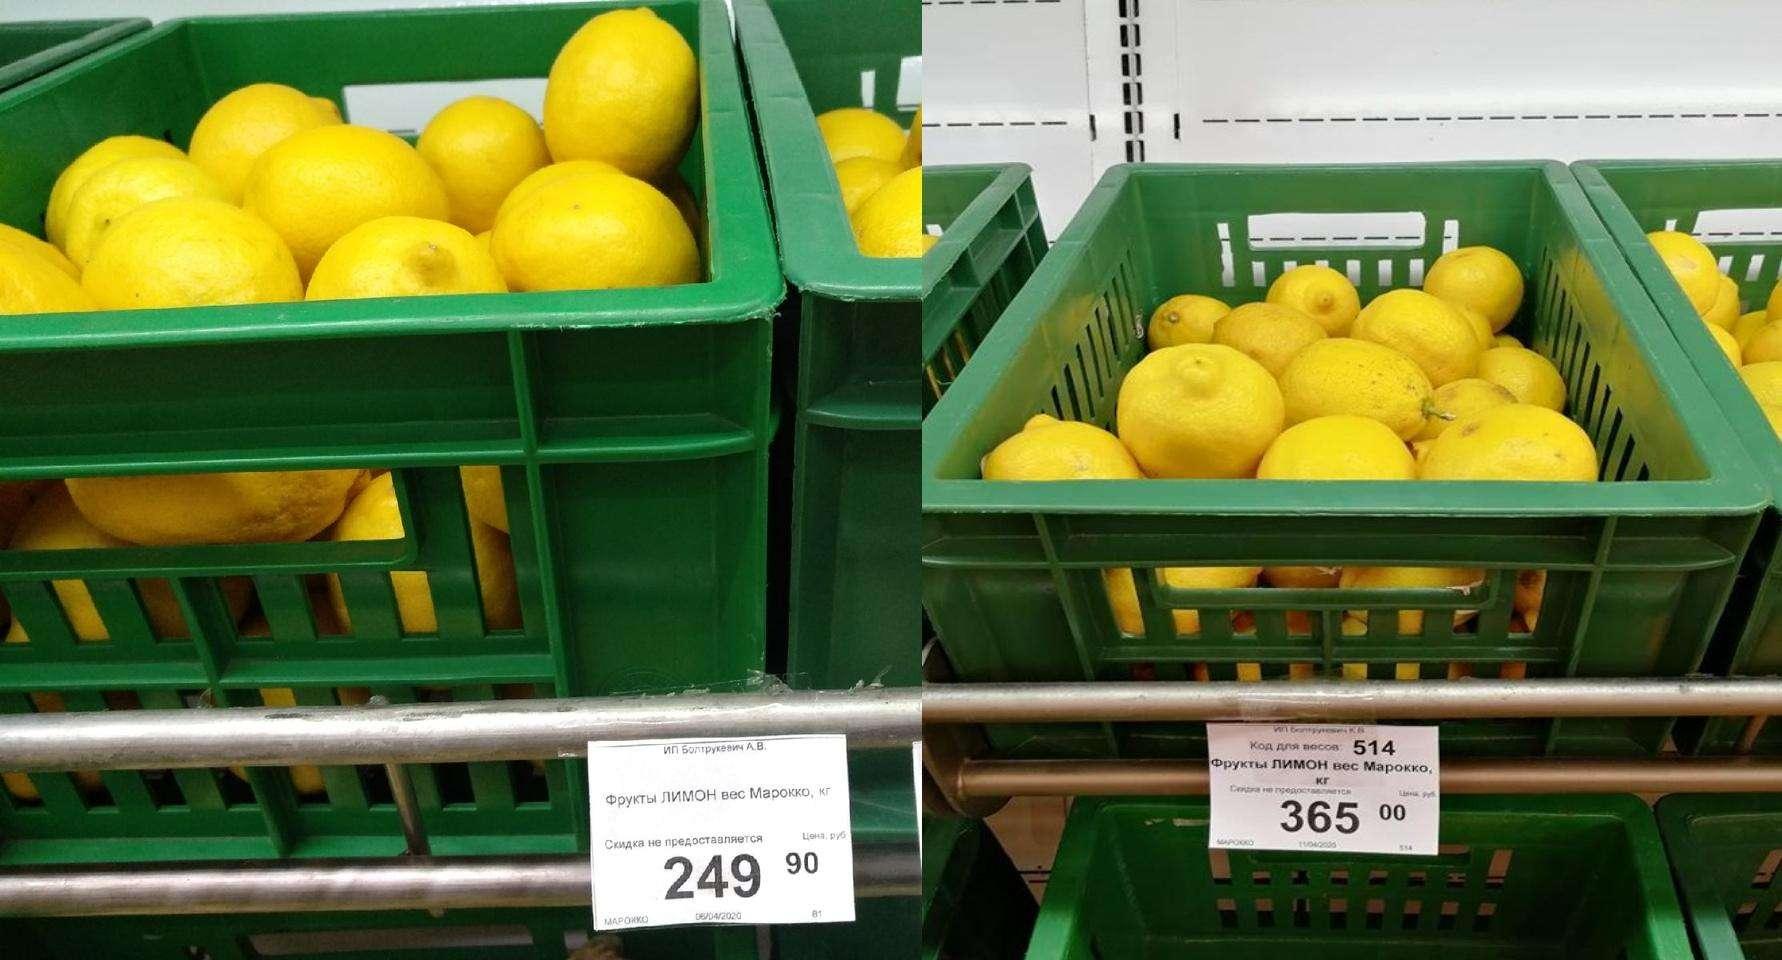 За неделю в период COVID-19 на 115 рублей подорожали лимоны в крупной торговой сети Бердска